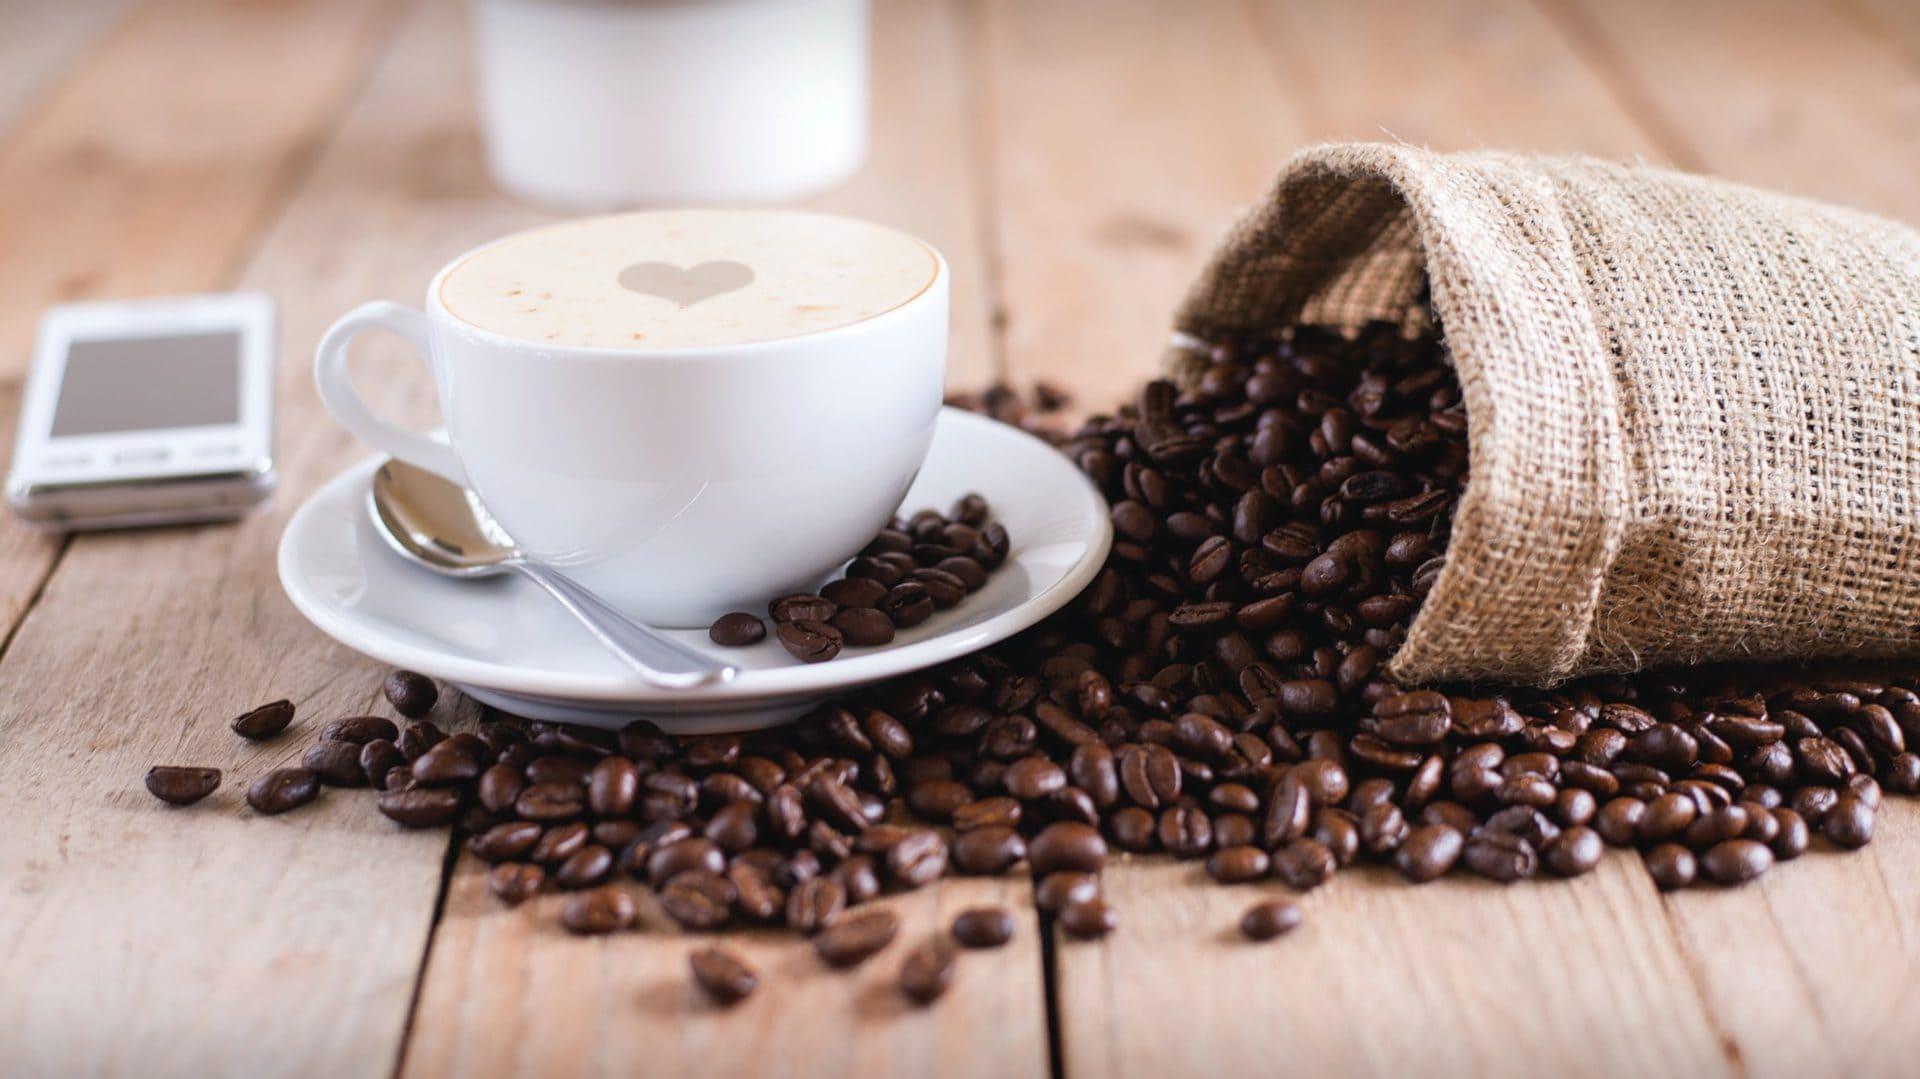 Kop koffie met zak bonen ernaast, op houten ondergrond. Vooraanzicht